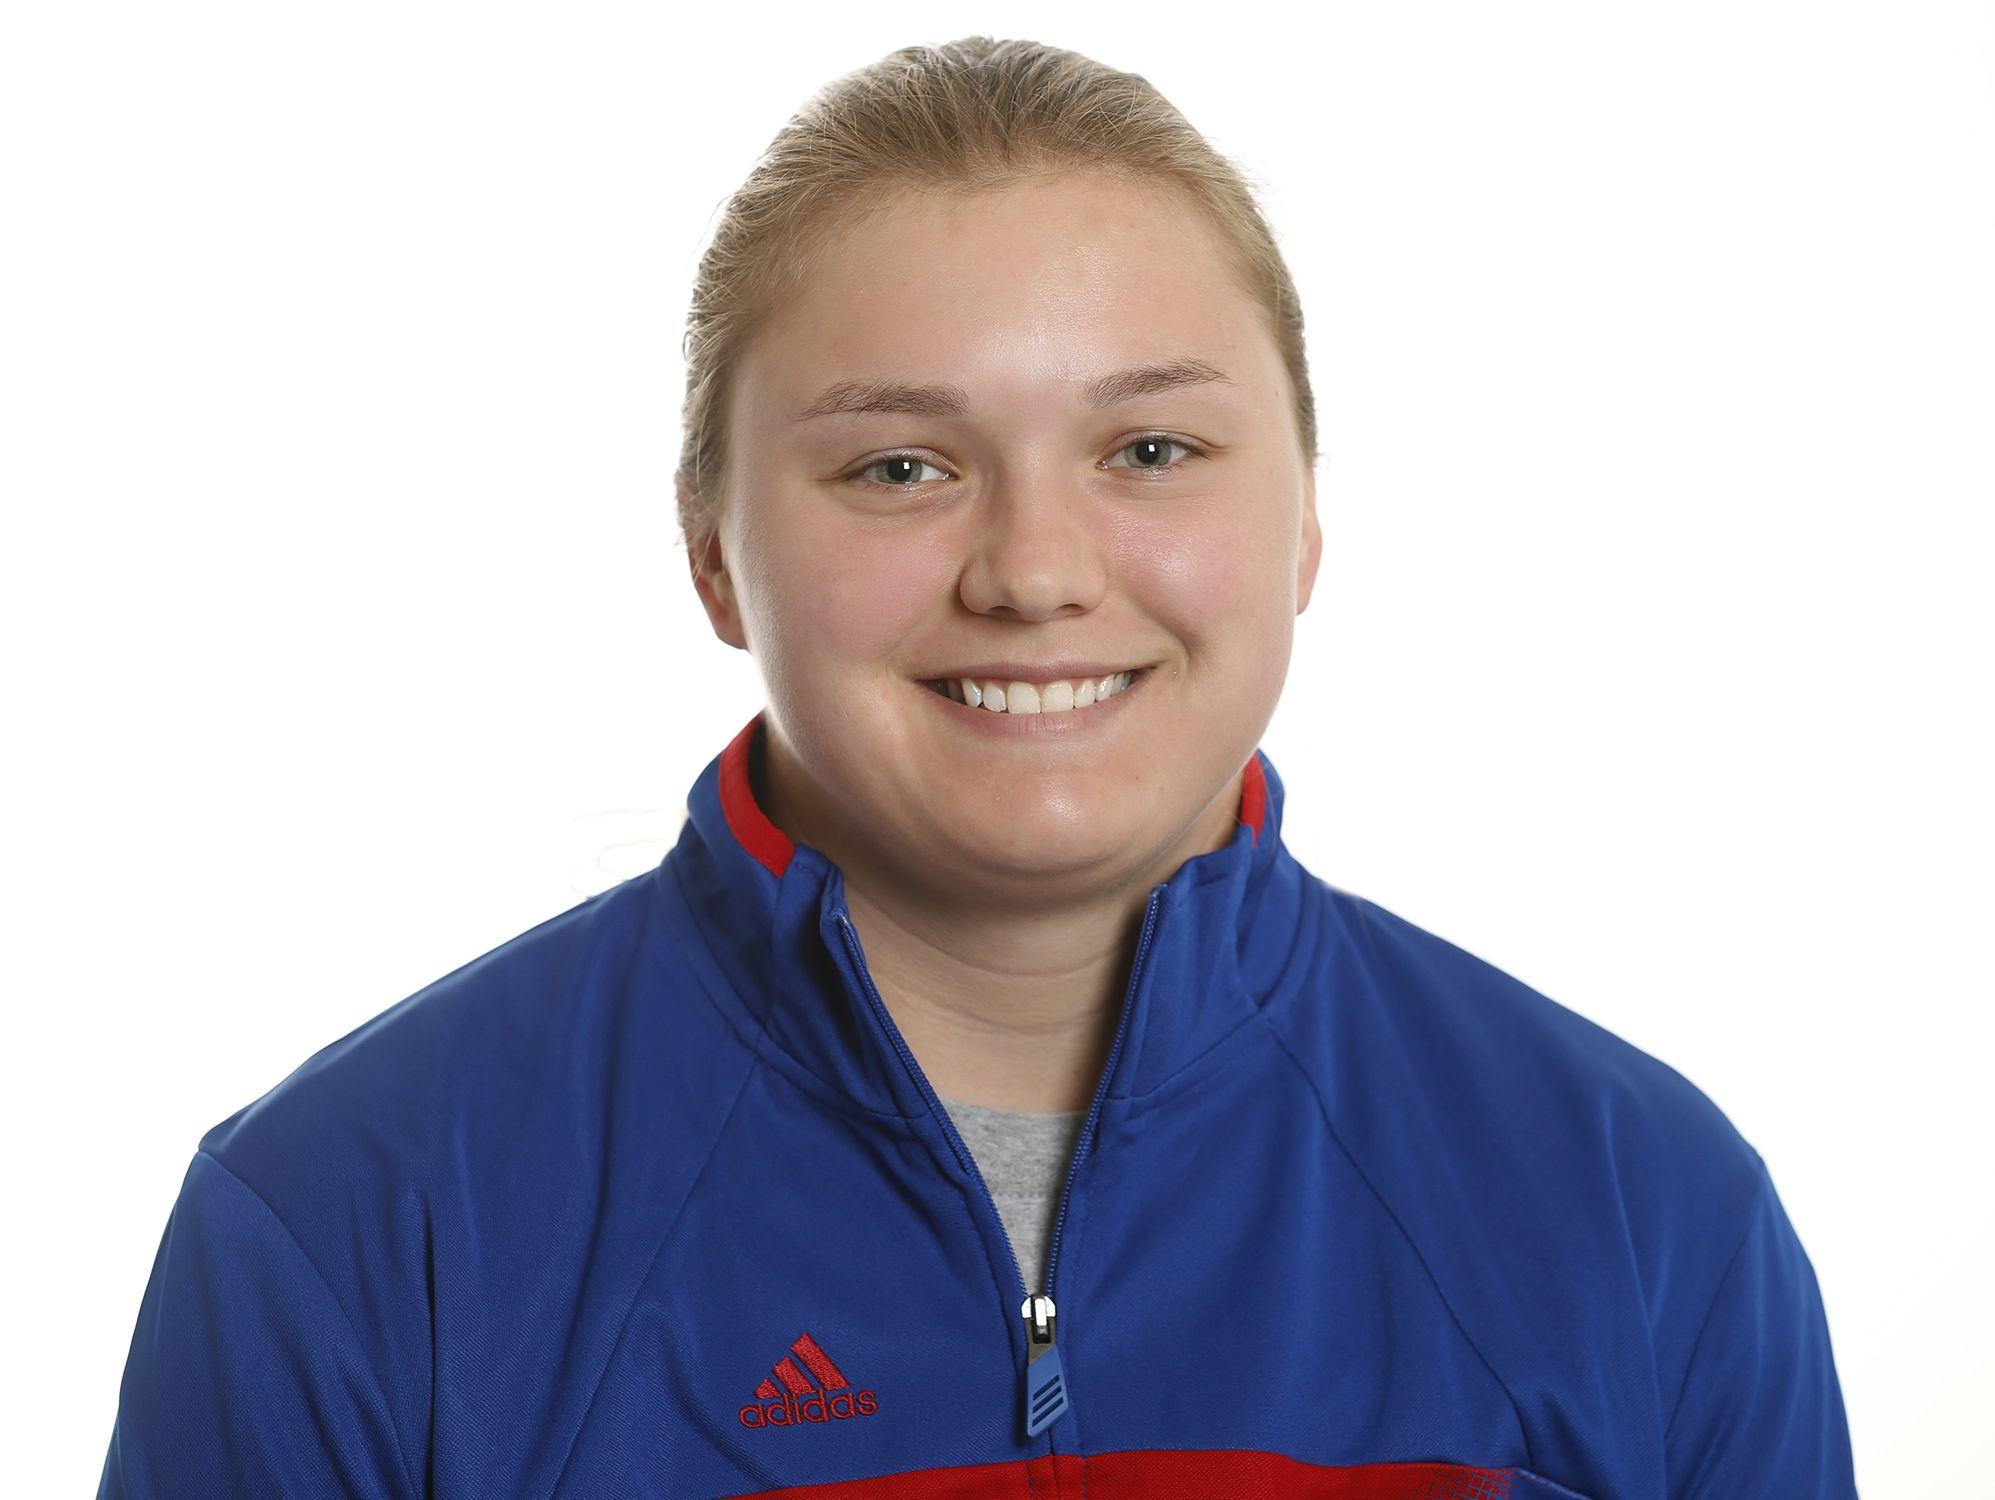 Jessica Maroszek